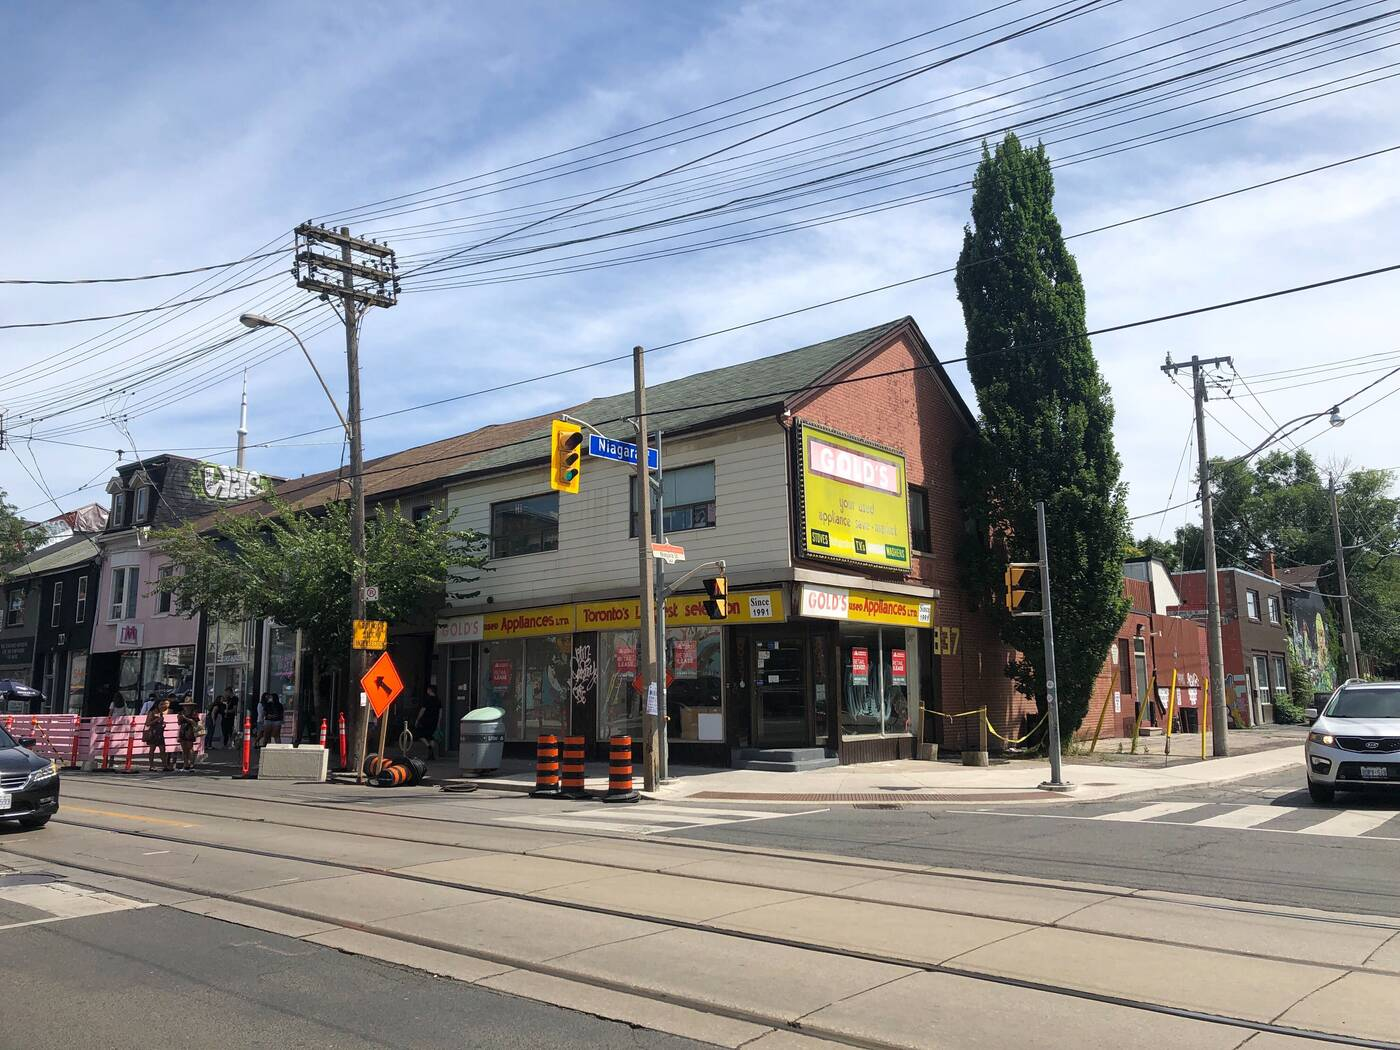 835 queen street west